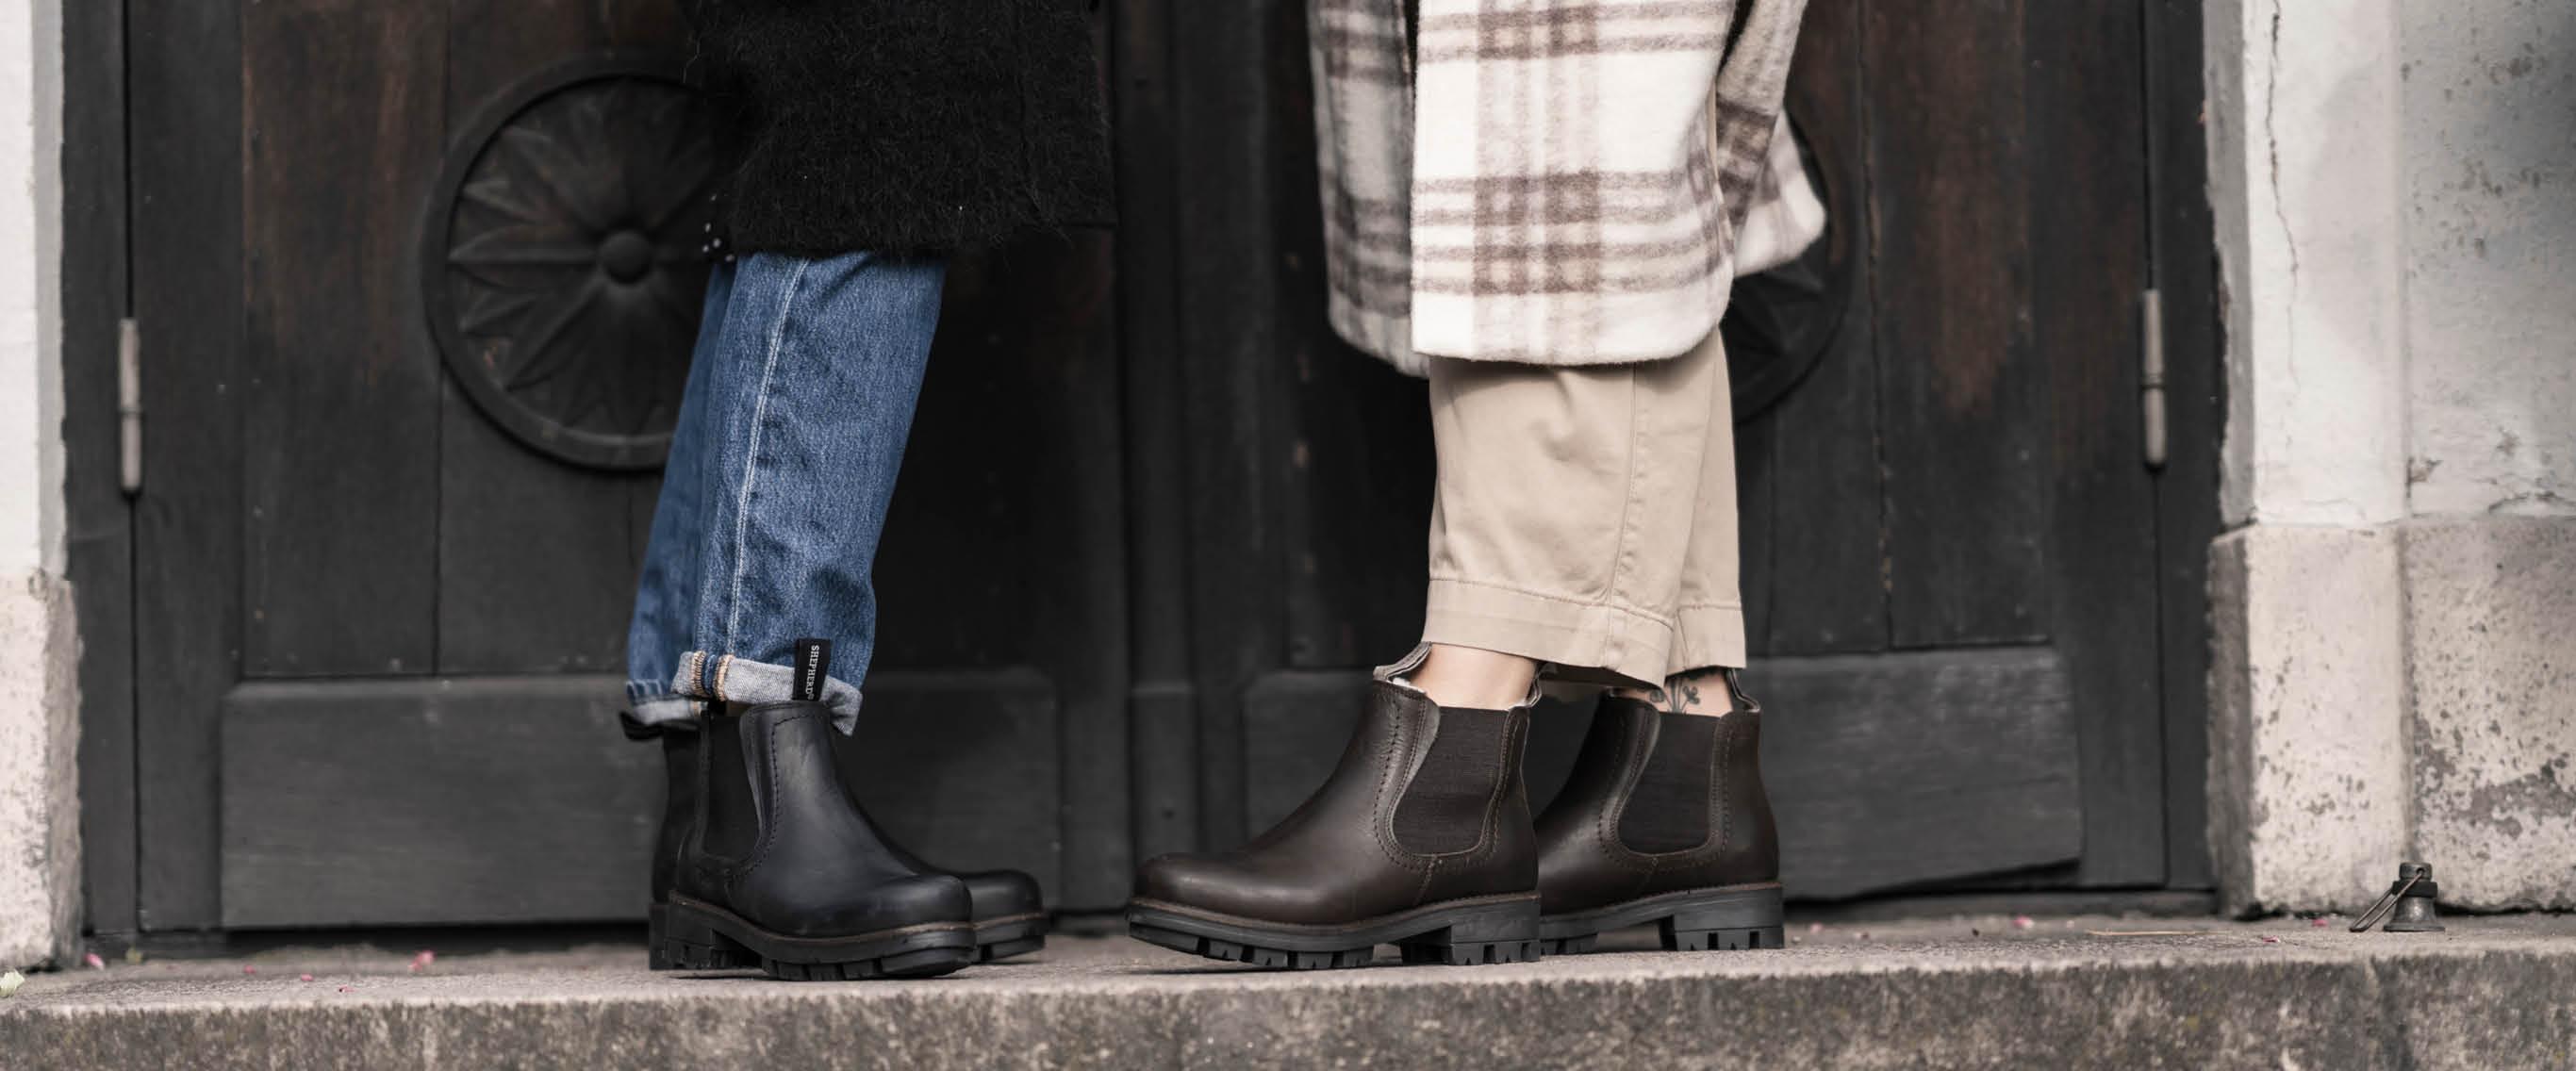 Varma skor med äkta fårskinnsfoder